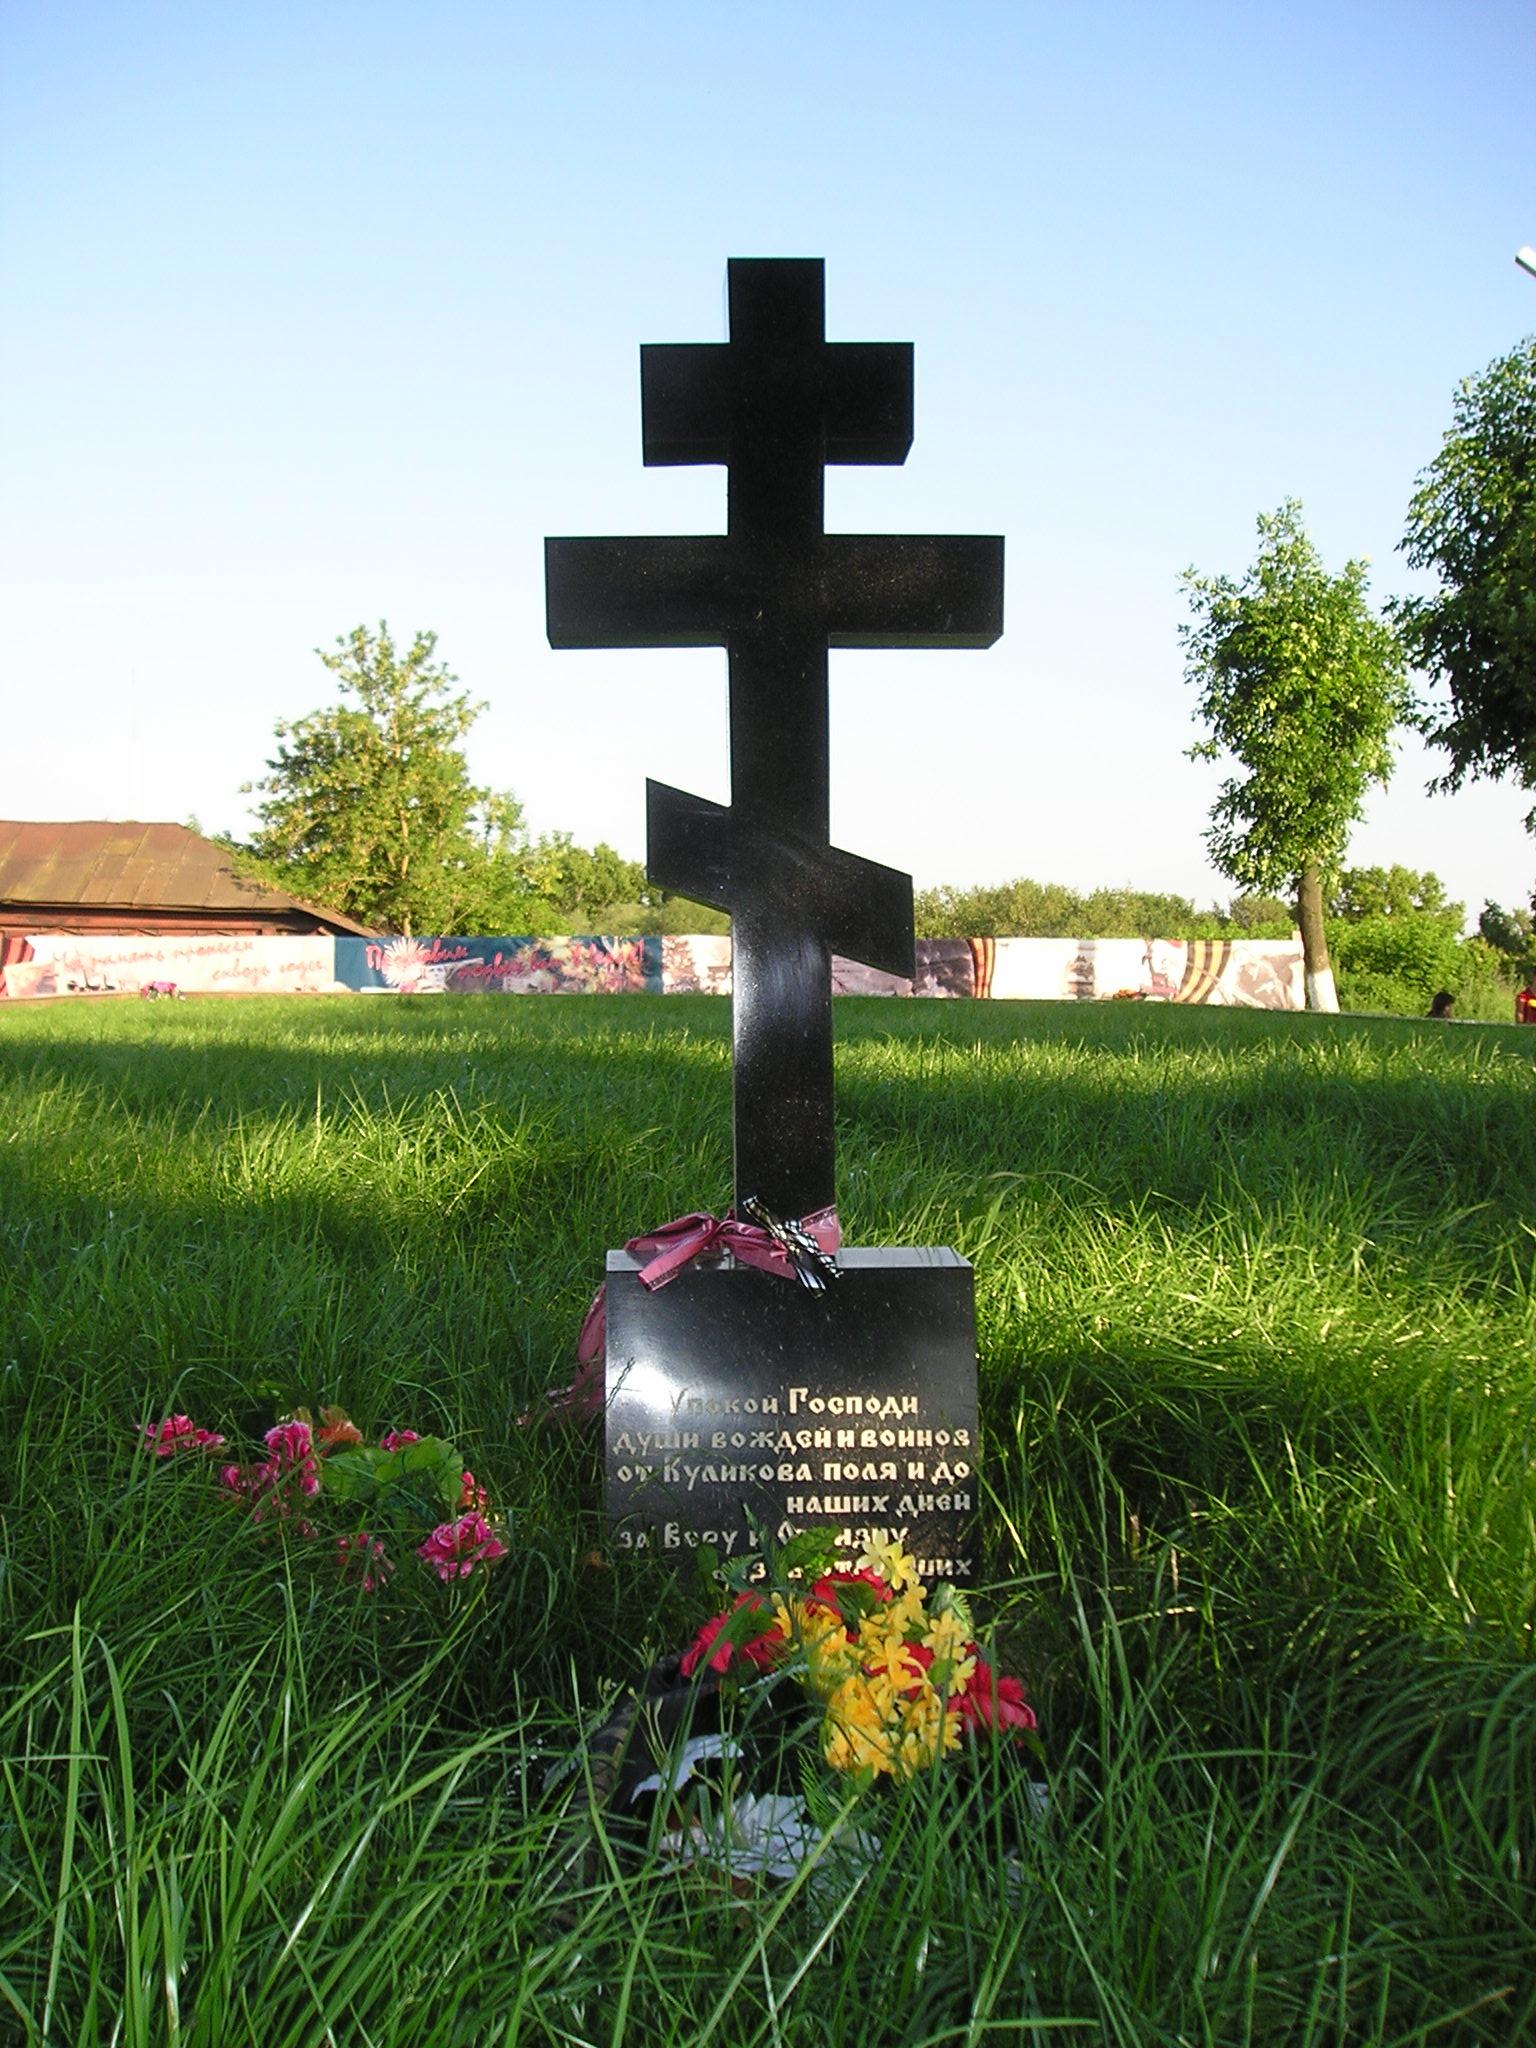 Мемориальный одиночный комплекс с крестом Серпухов памятники на могилу красноярске бадалык